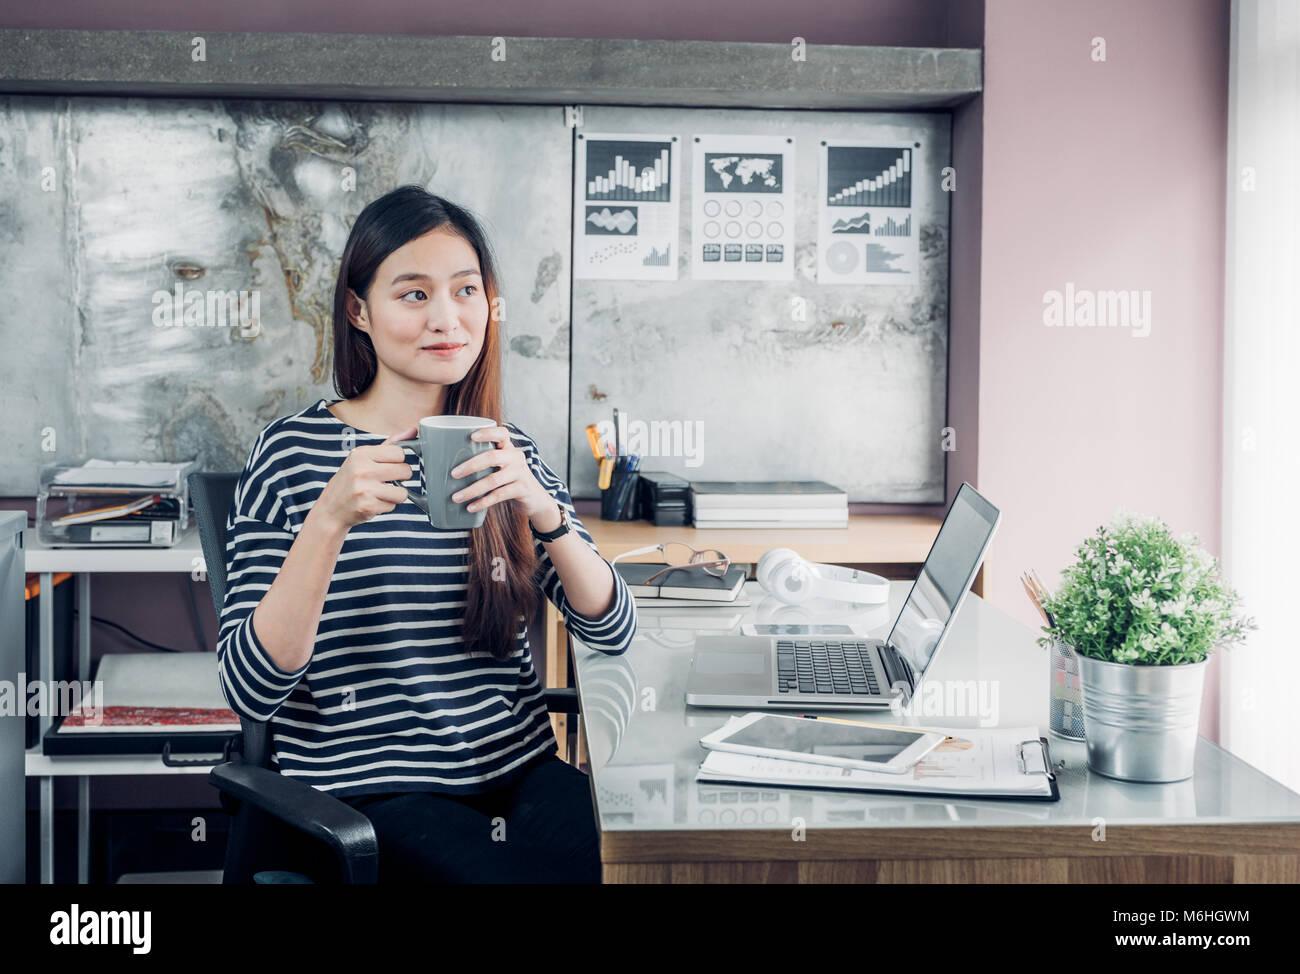 La empresaria asiática tomar un café después de trabajar con cara sonriente, feliz de la vida de Imagen De Stock